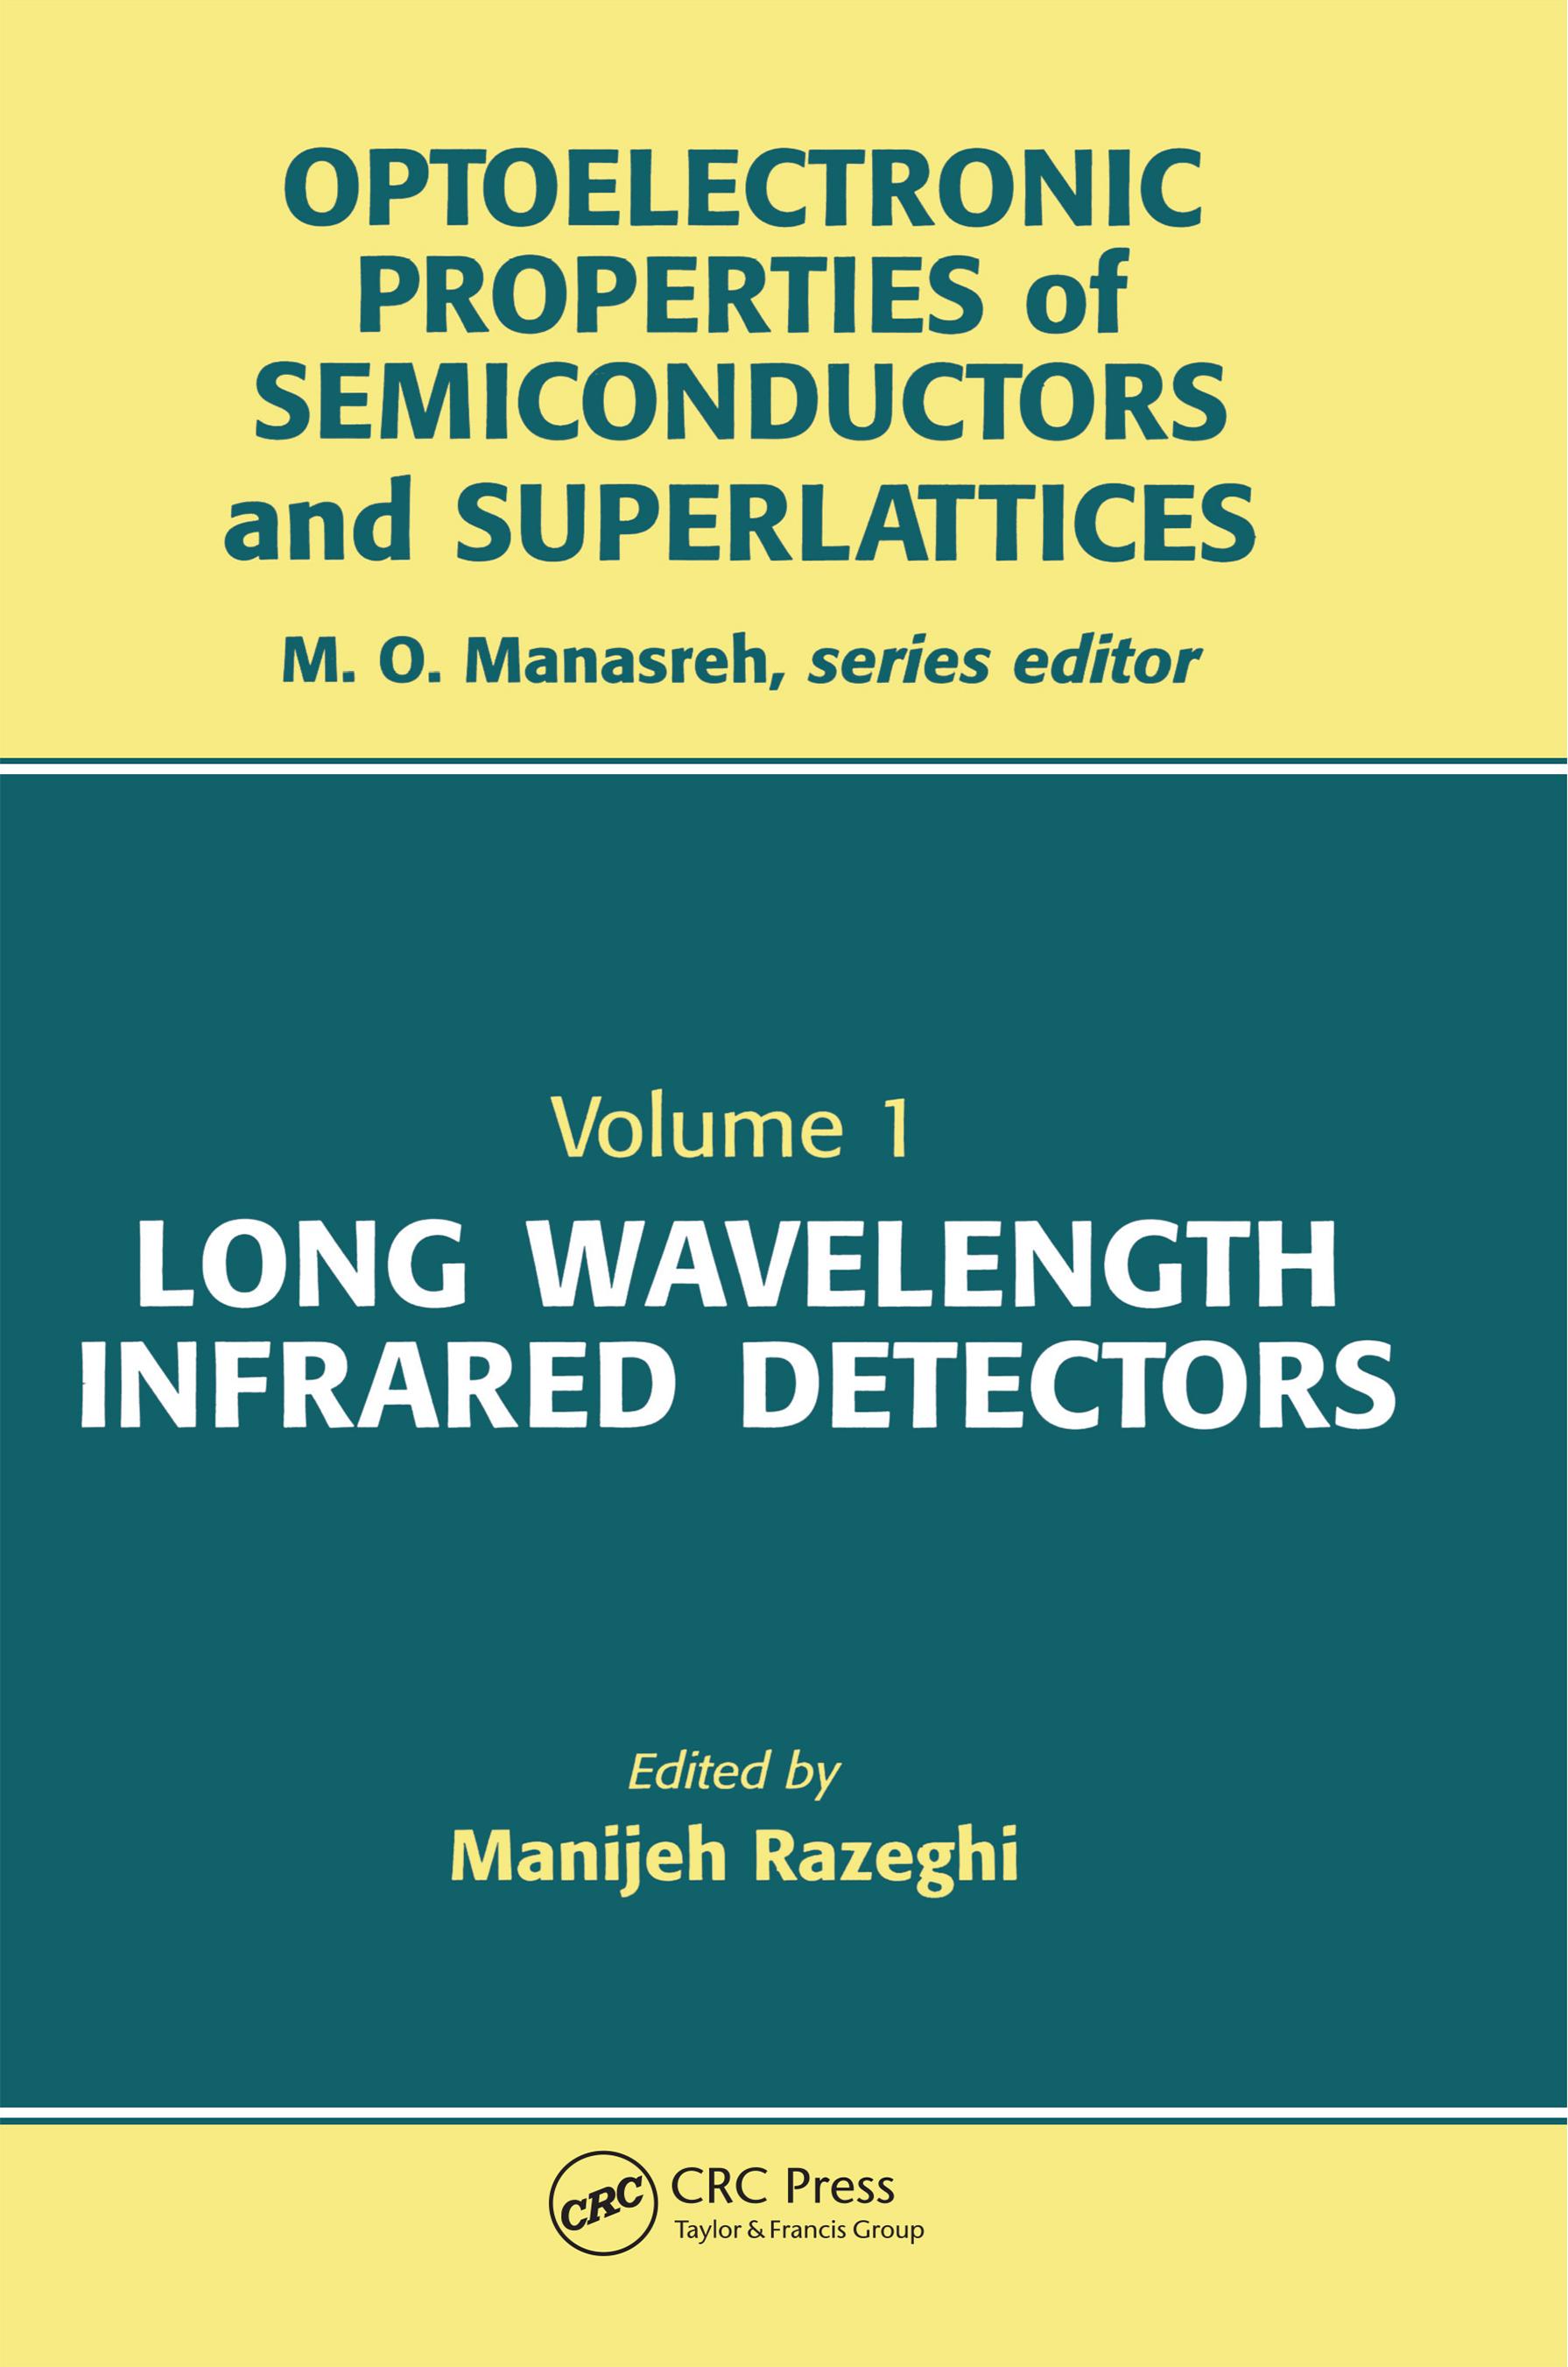 Long Wavelength Infrared Detectors